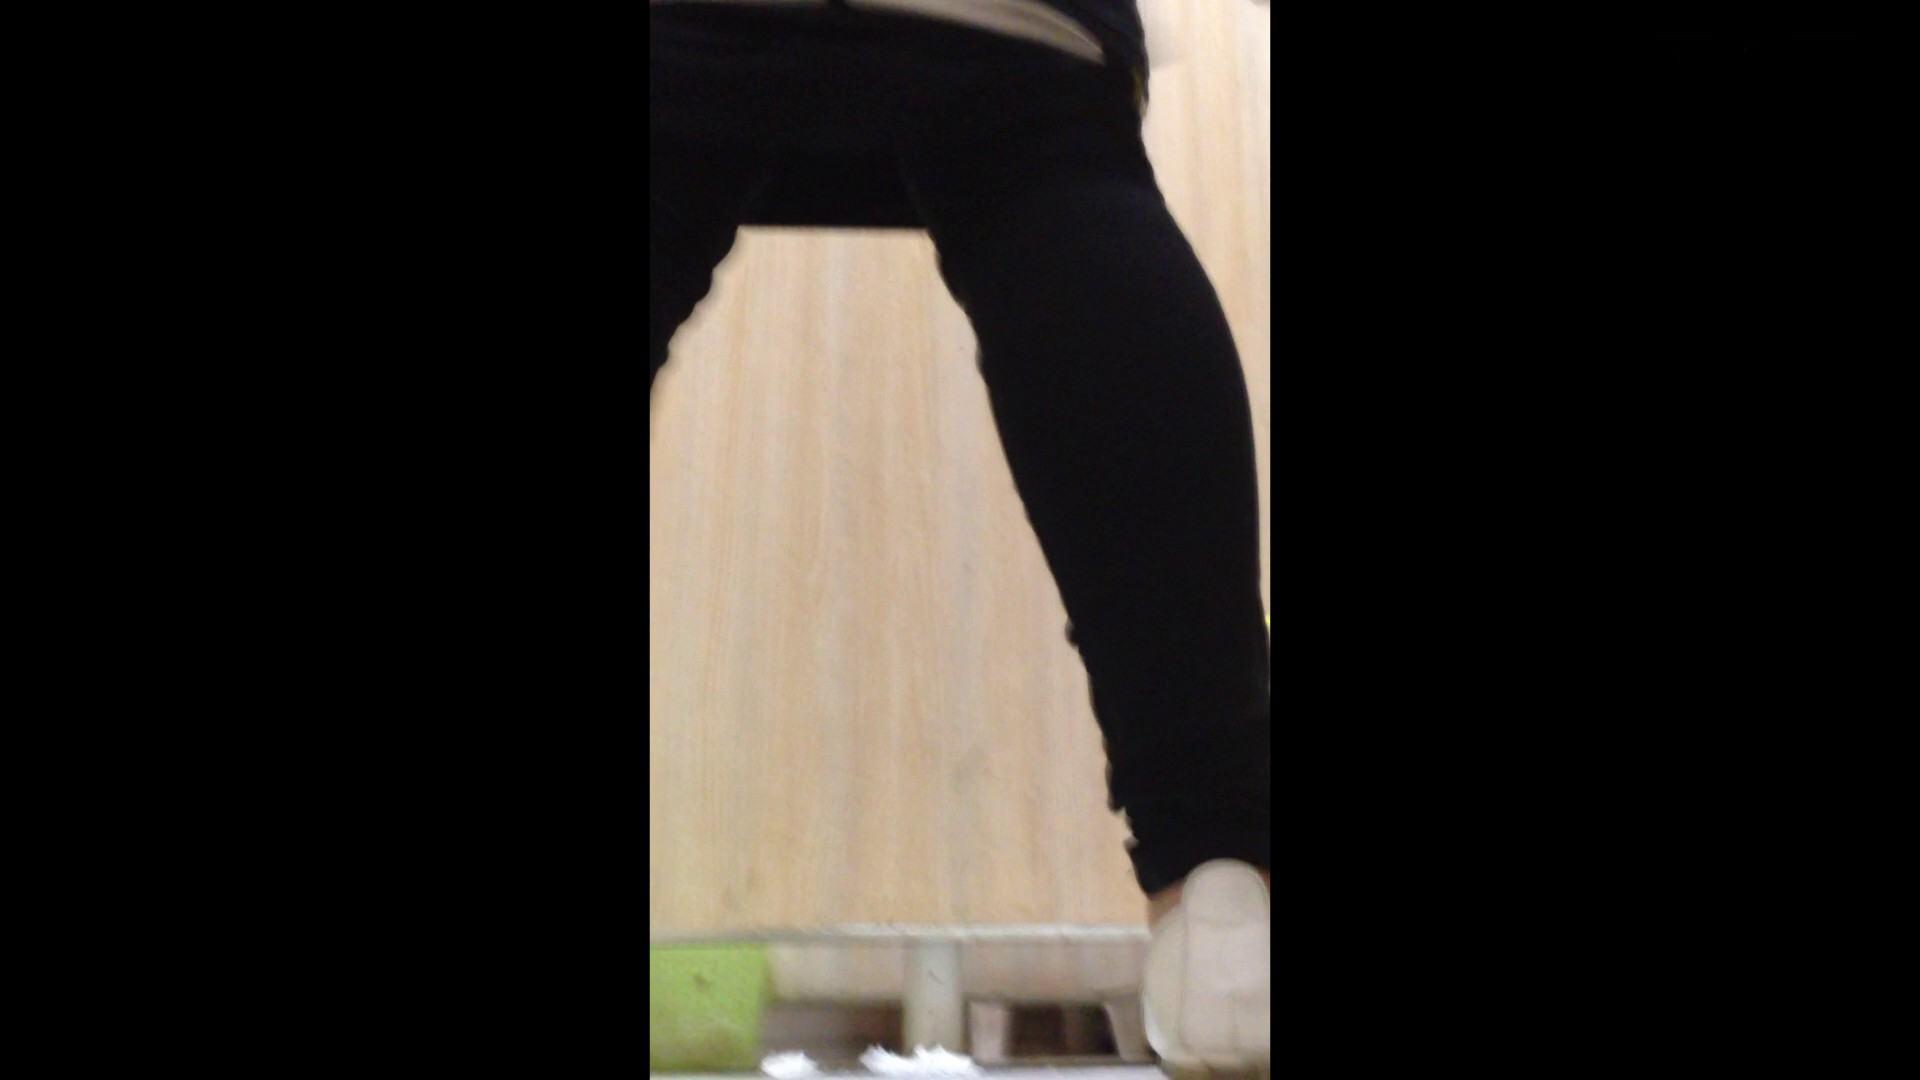 芸術大学ガチ潜入盗撮 JD盗撮 美女の洗面所の秘密 Vol.87 洗面所のぞき AV動画キャプチャ 110枚 66